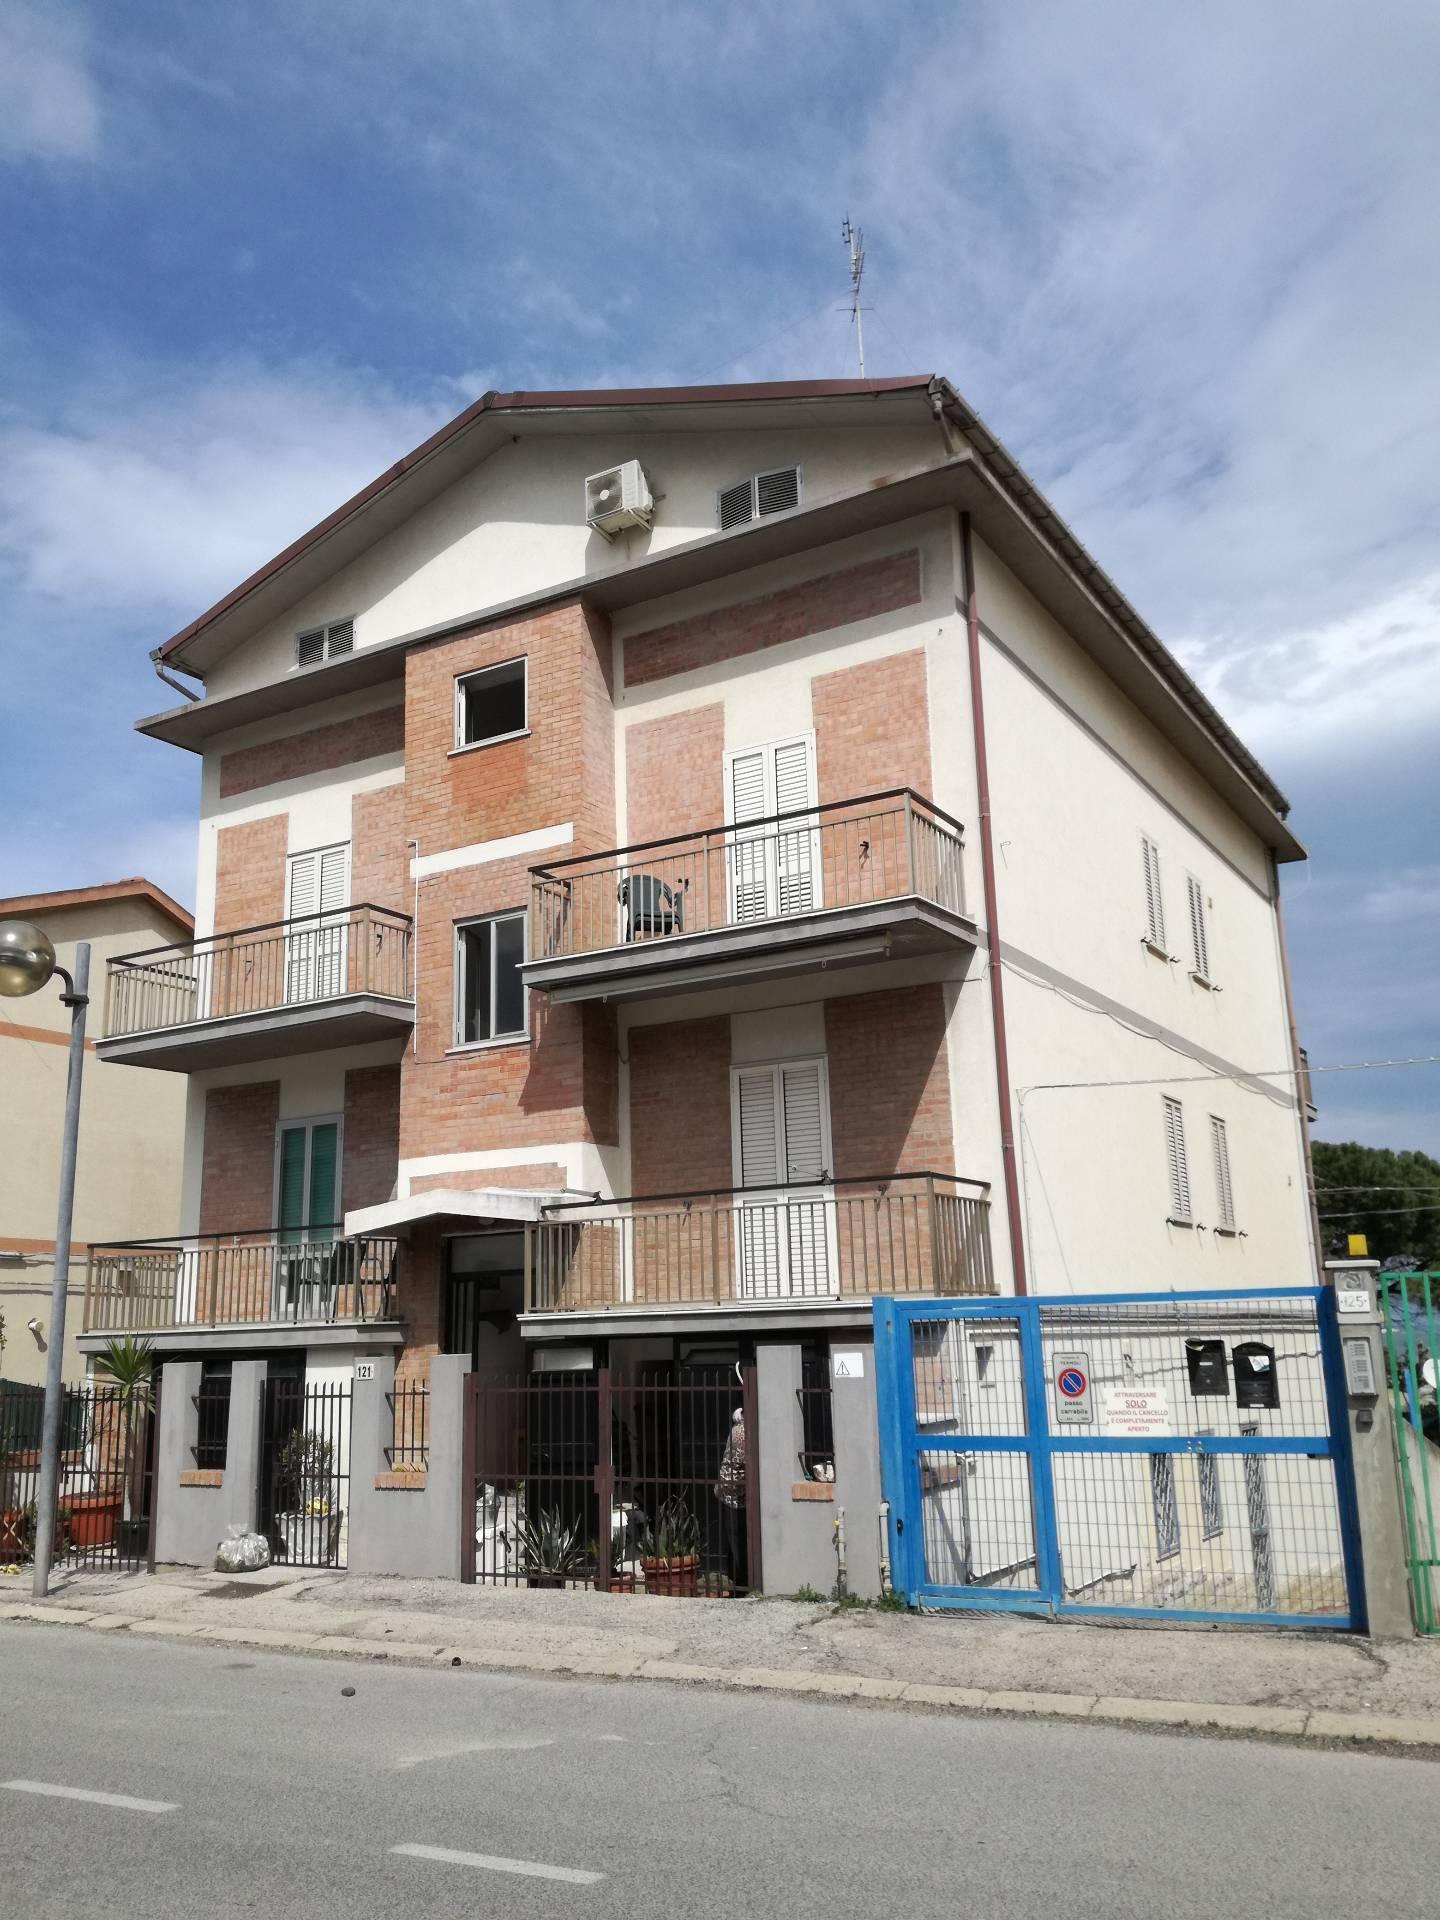 Attico / Mansarda in vendita a Termoli, 3 locali, zona Località: RioVivo, prezzo € 70.000   PortaleAgenzieImmobiliari.it